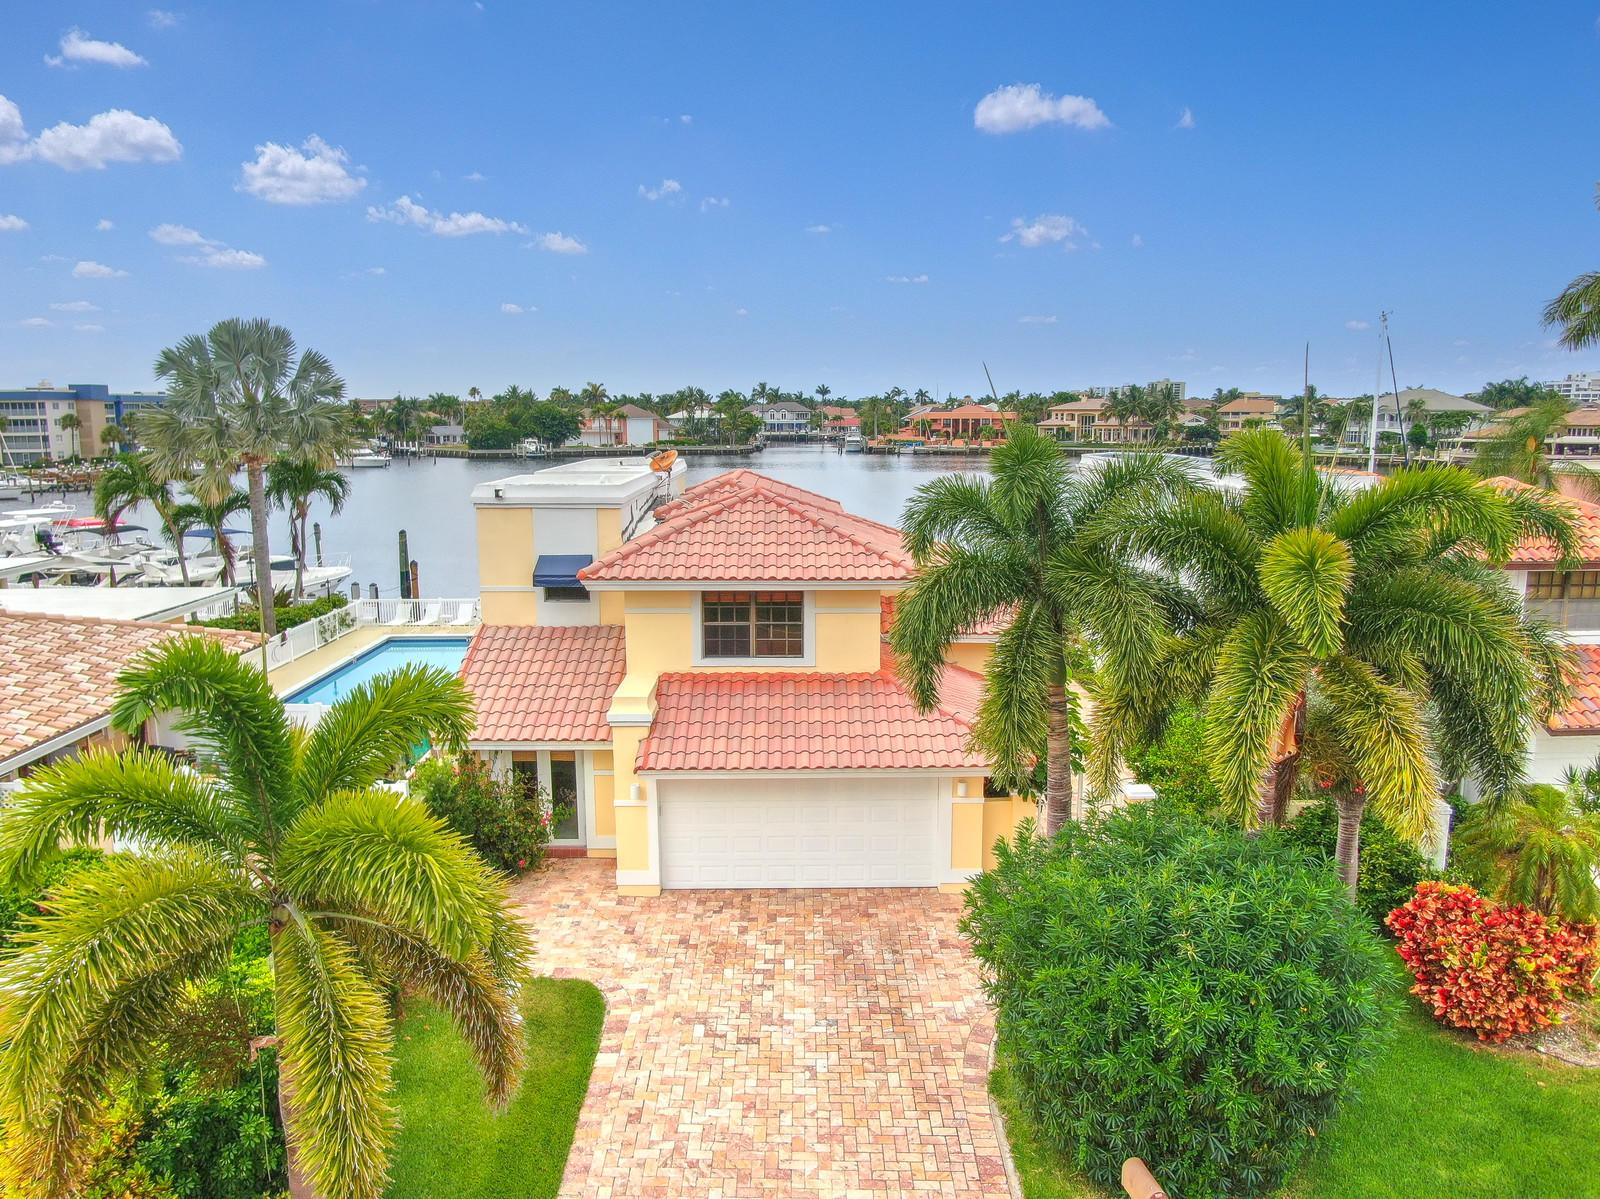 483 Pelican Way, Delray Beach, Florida 33483, 3 Bedrooms Bedrooms, ,3 BathroomsBathrooms,Single Family Detached,For Sale,Pelican,RX-10536241